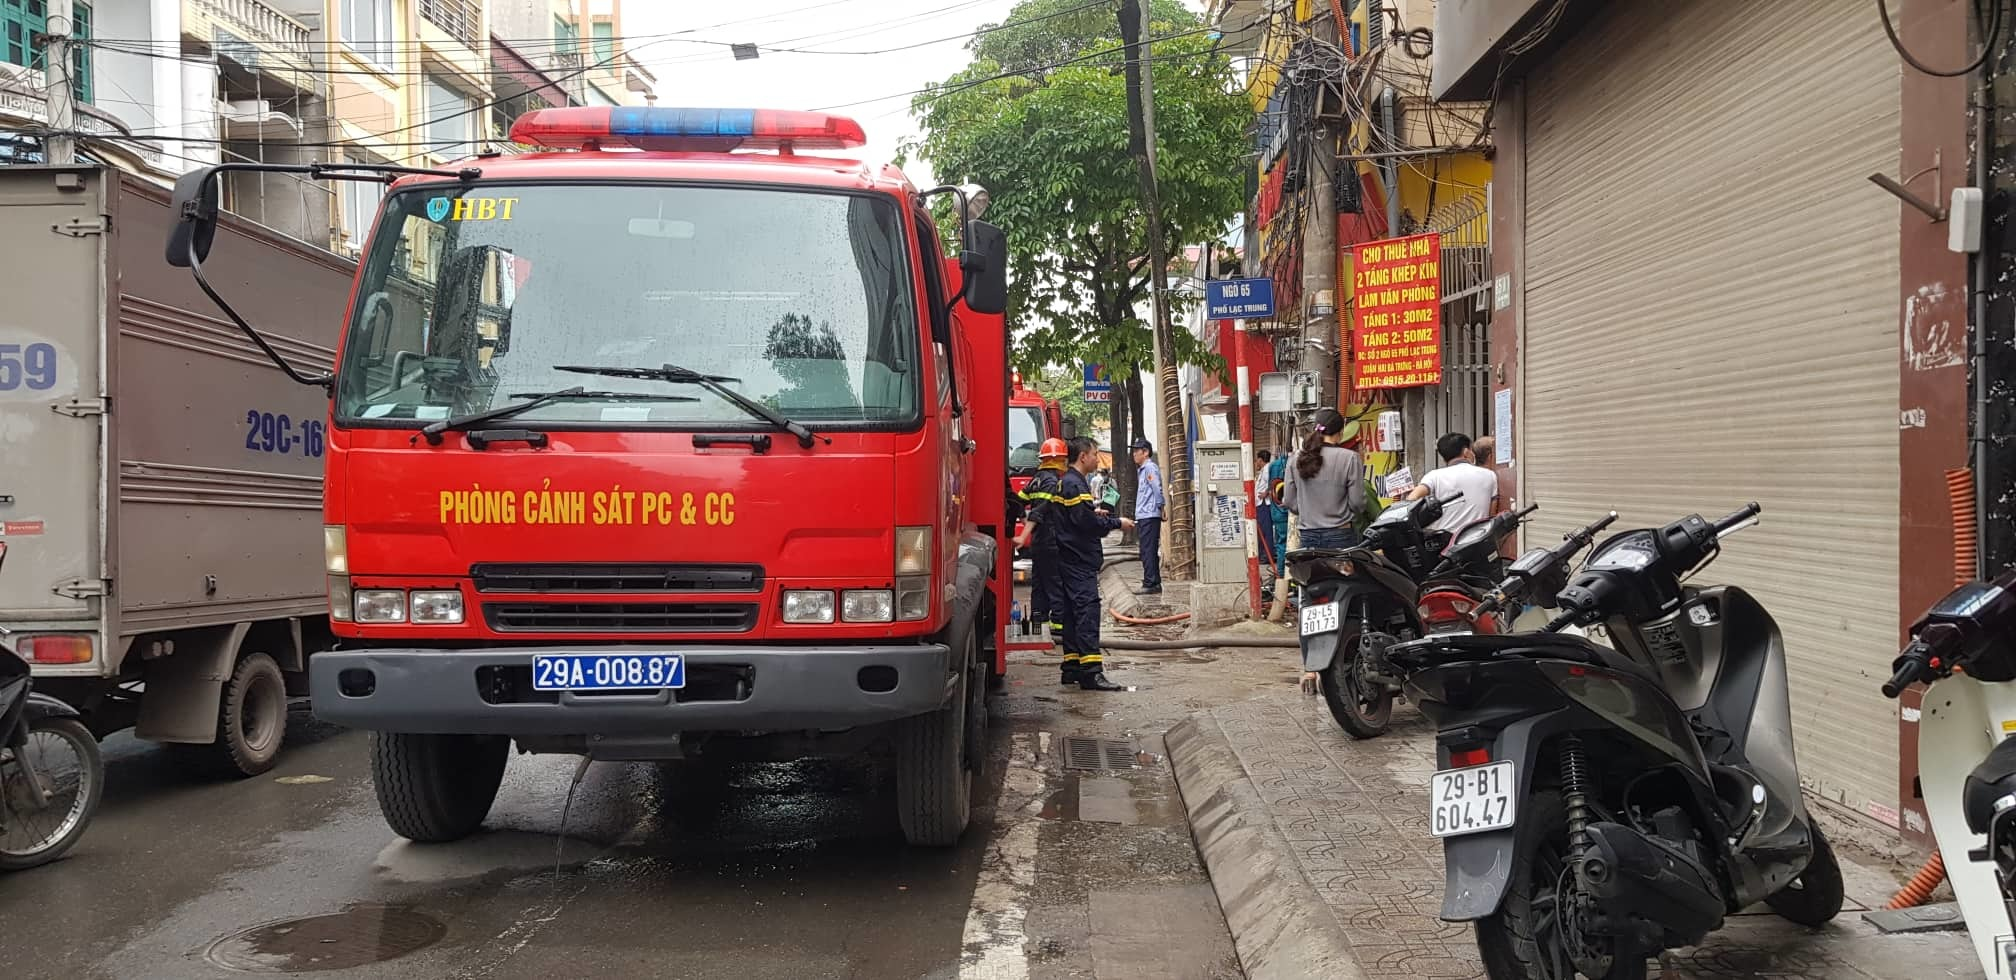 Hà Nội: Nhà cháy rực, người đàn ông nhảy từ tầng cao xuống